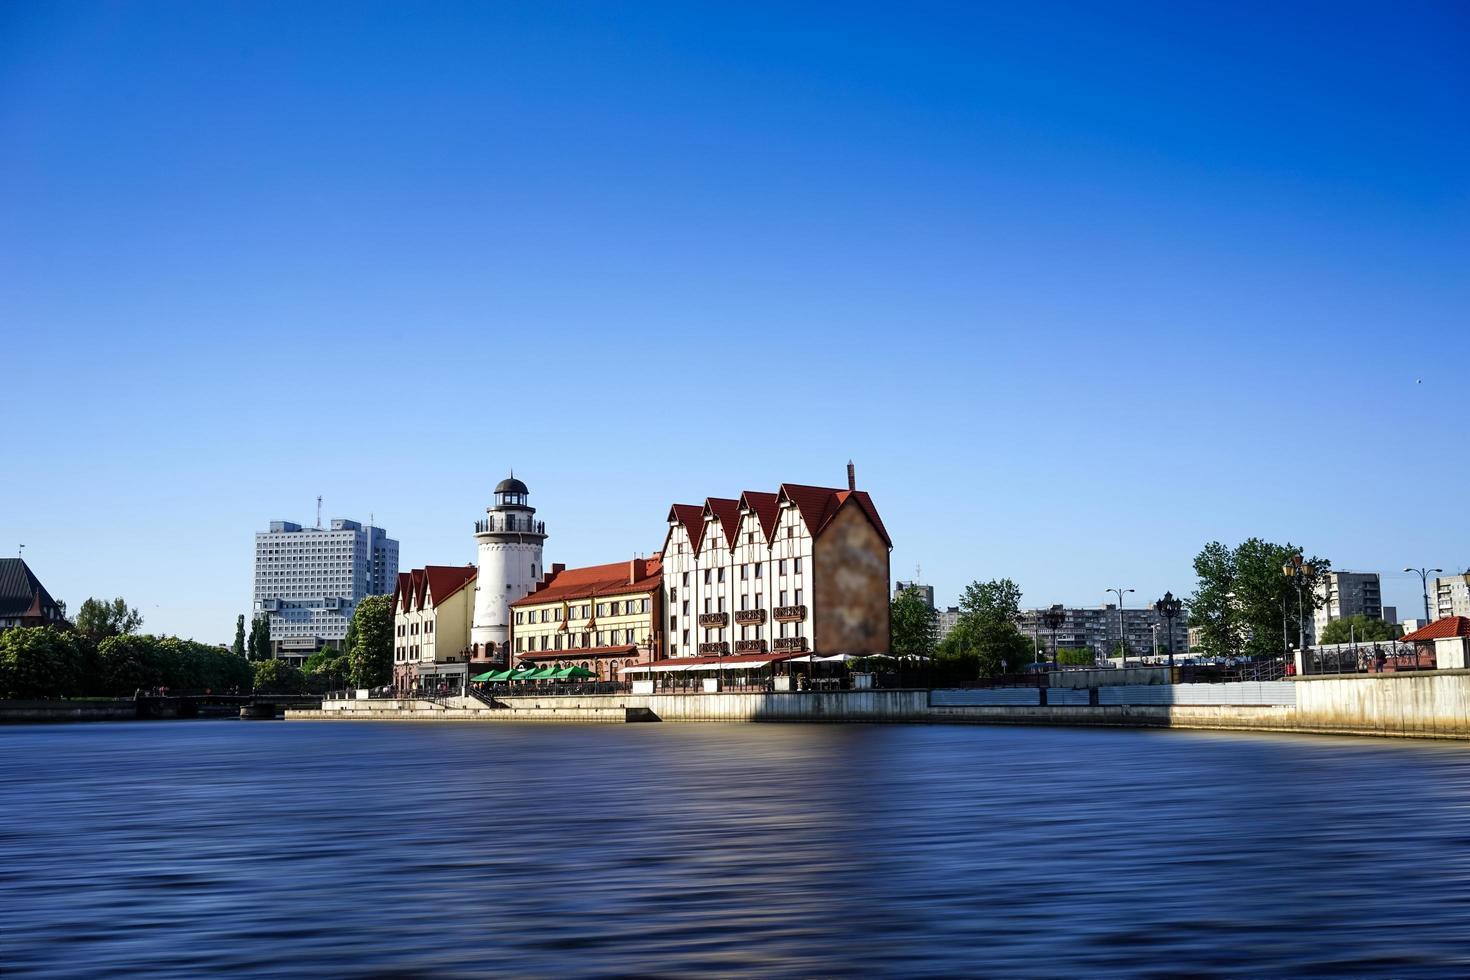 det urbana landskapet i staden Kaliningrad foto